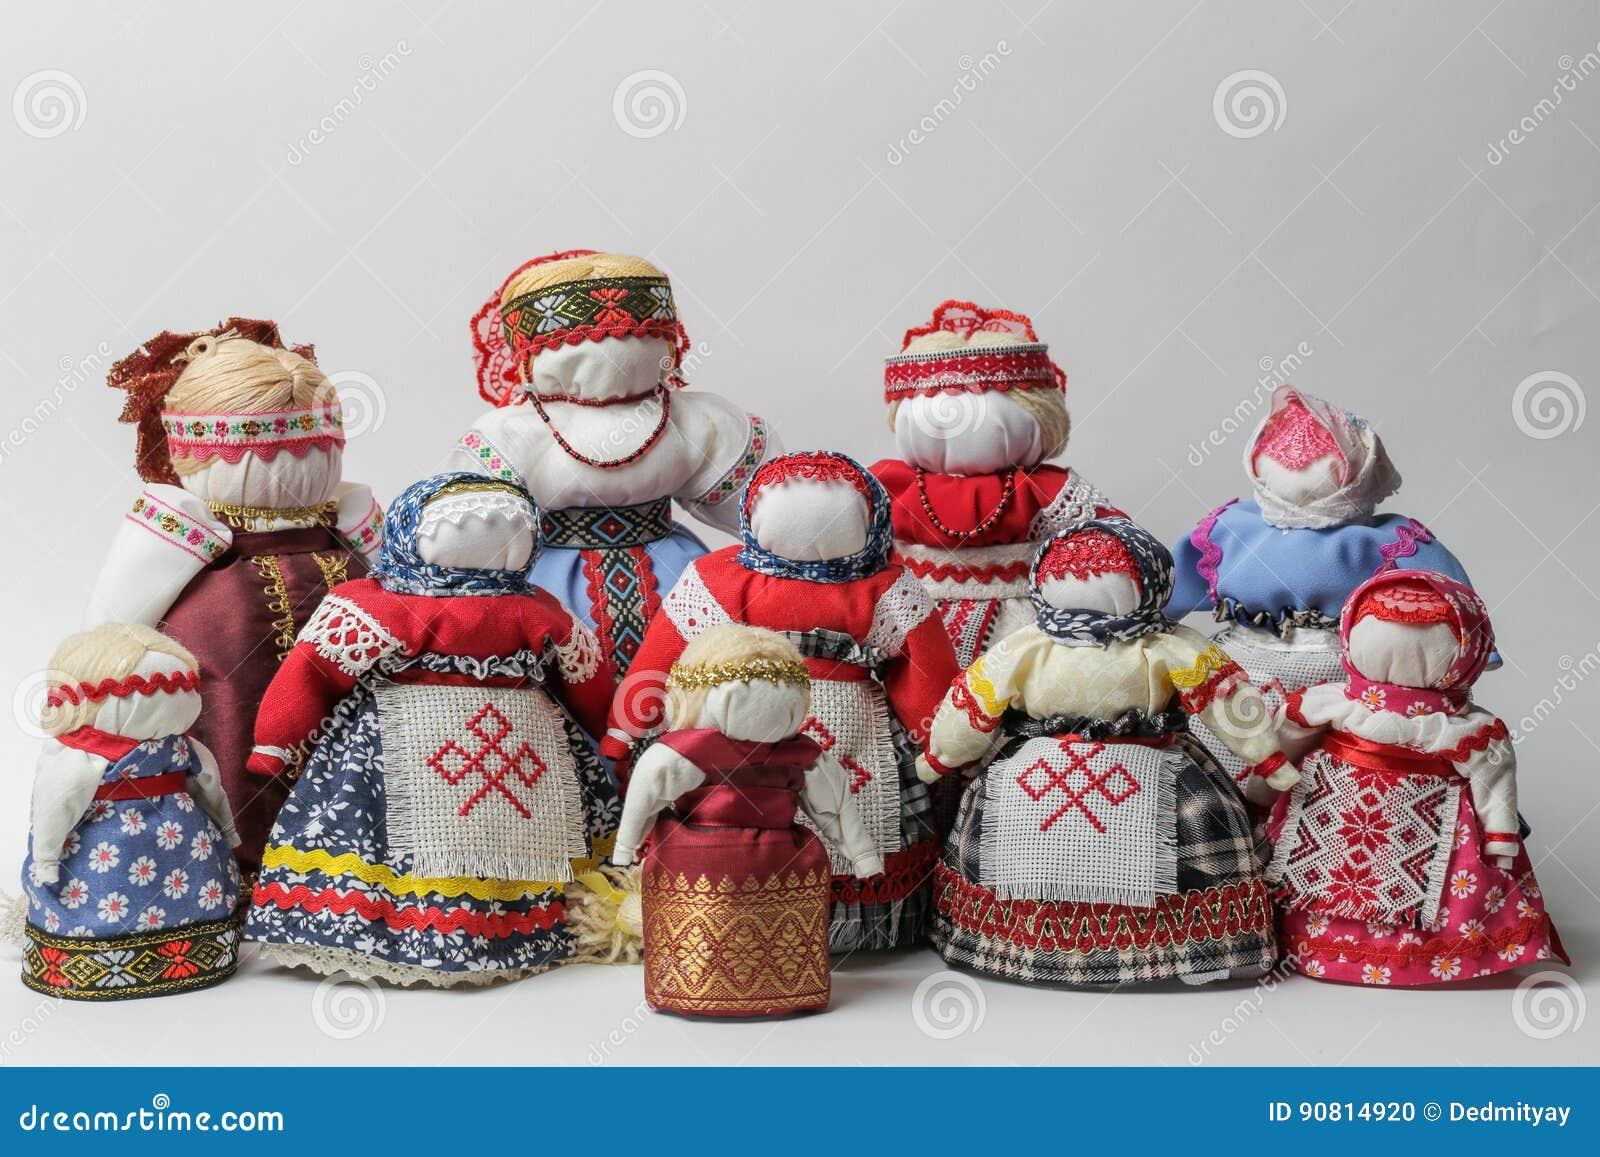 Bereginyapoppen - met de hand gemaakte poppen